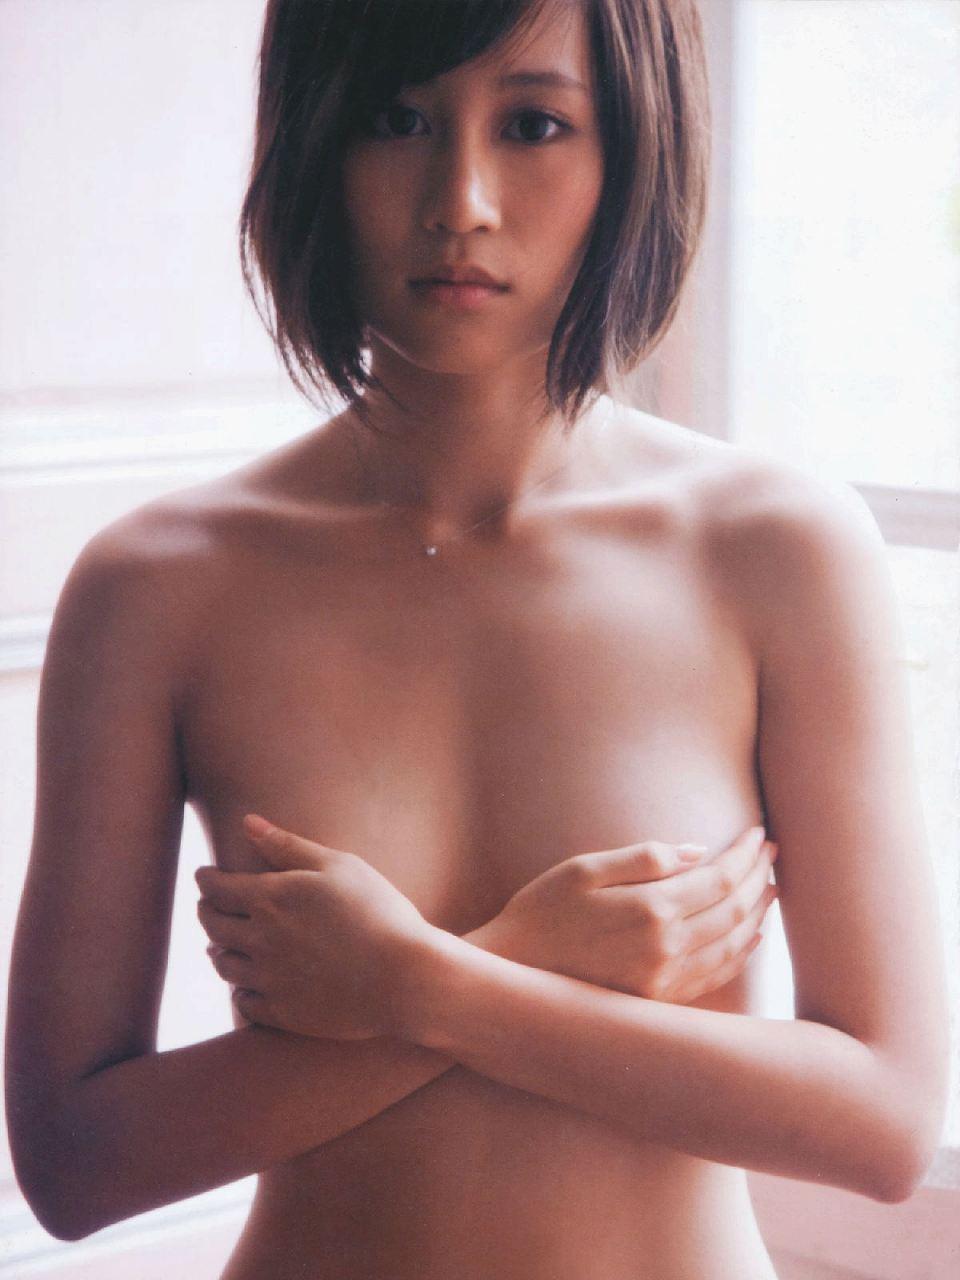 前田敦子写真集「不器用」画像、前田敦子の手ブラ